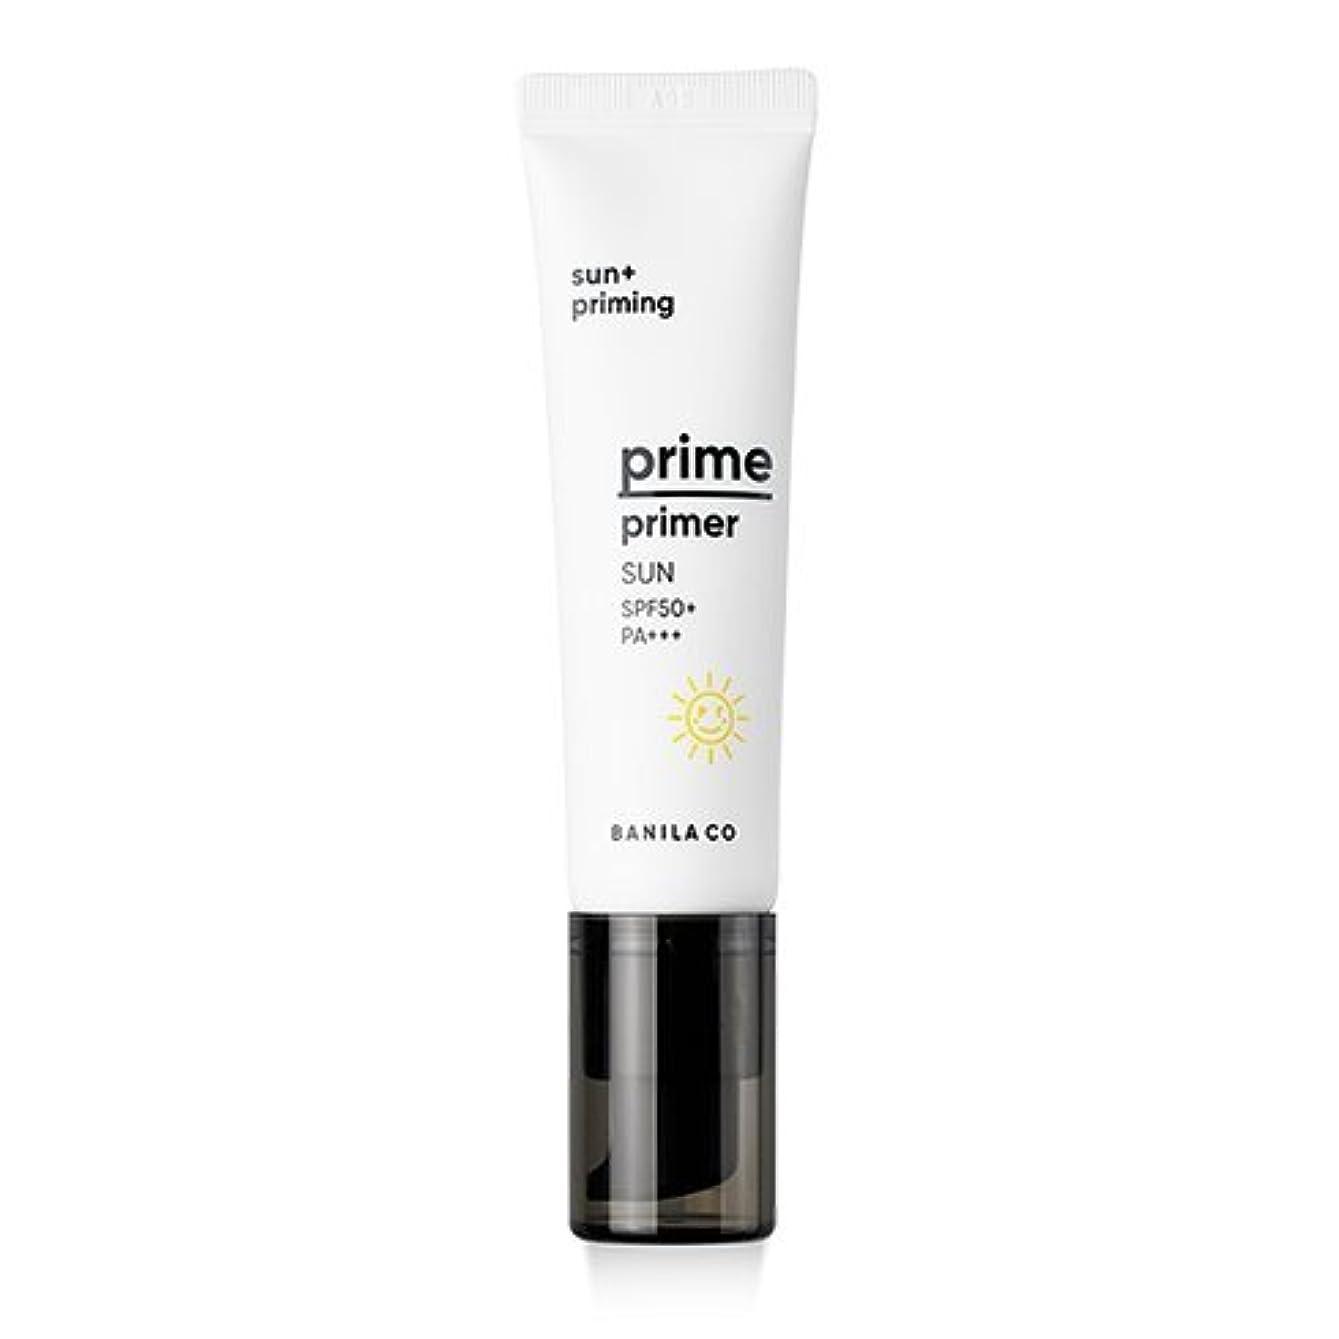 紳士敬ラインナップ[Renewal] BANILA CO Prime Primer Sun 30ml/バニラコ プライム プライマー サン 30ml [並行輸入品]